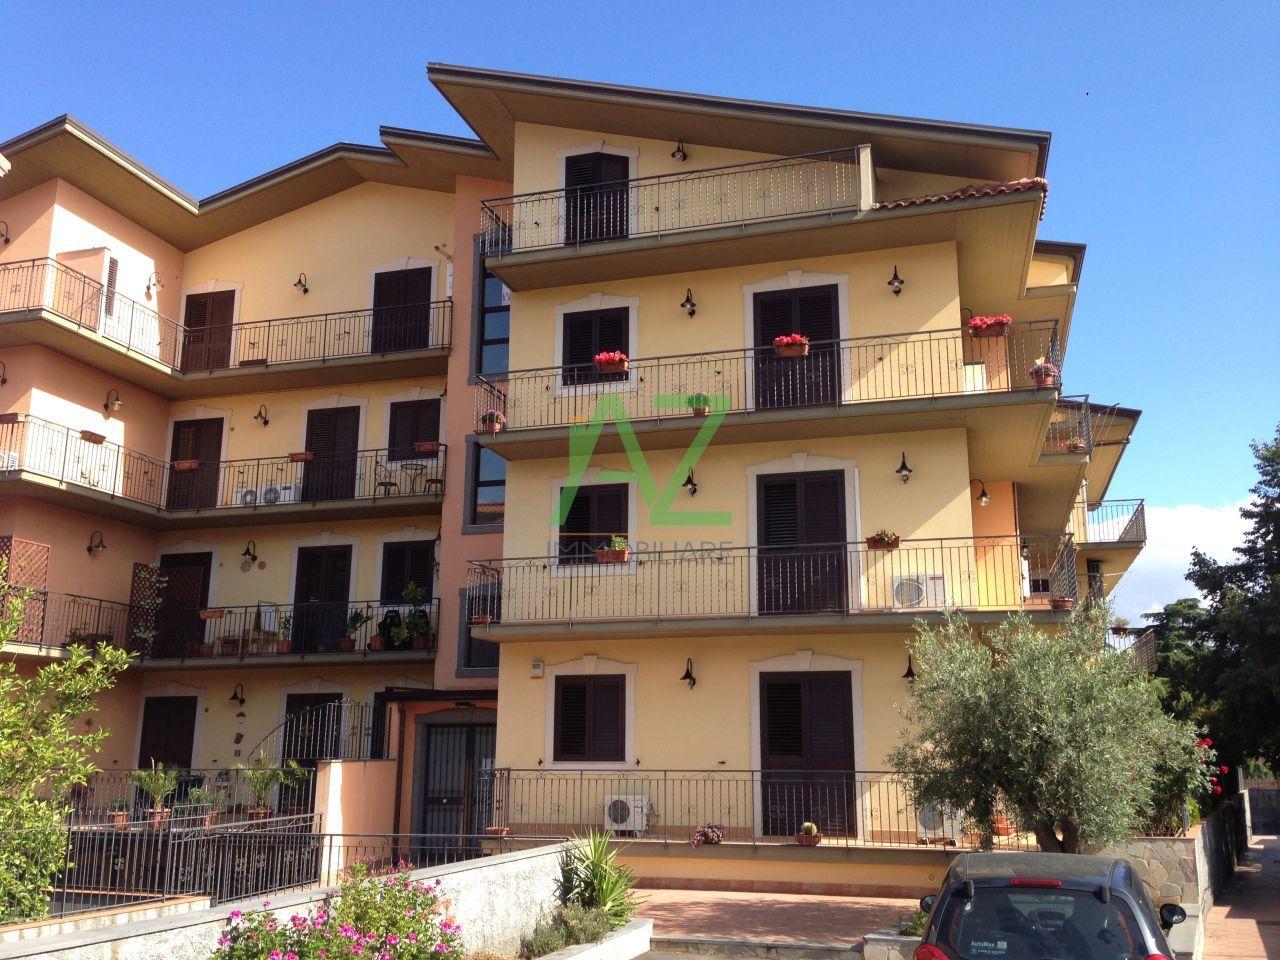 Attico / Mansarda in vendita a Belpasso, 3 locali, prezzo € 150.000 | PortaleAgenzieImmobiliari.it